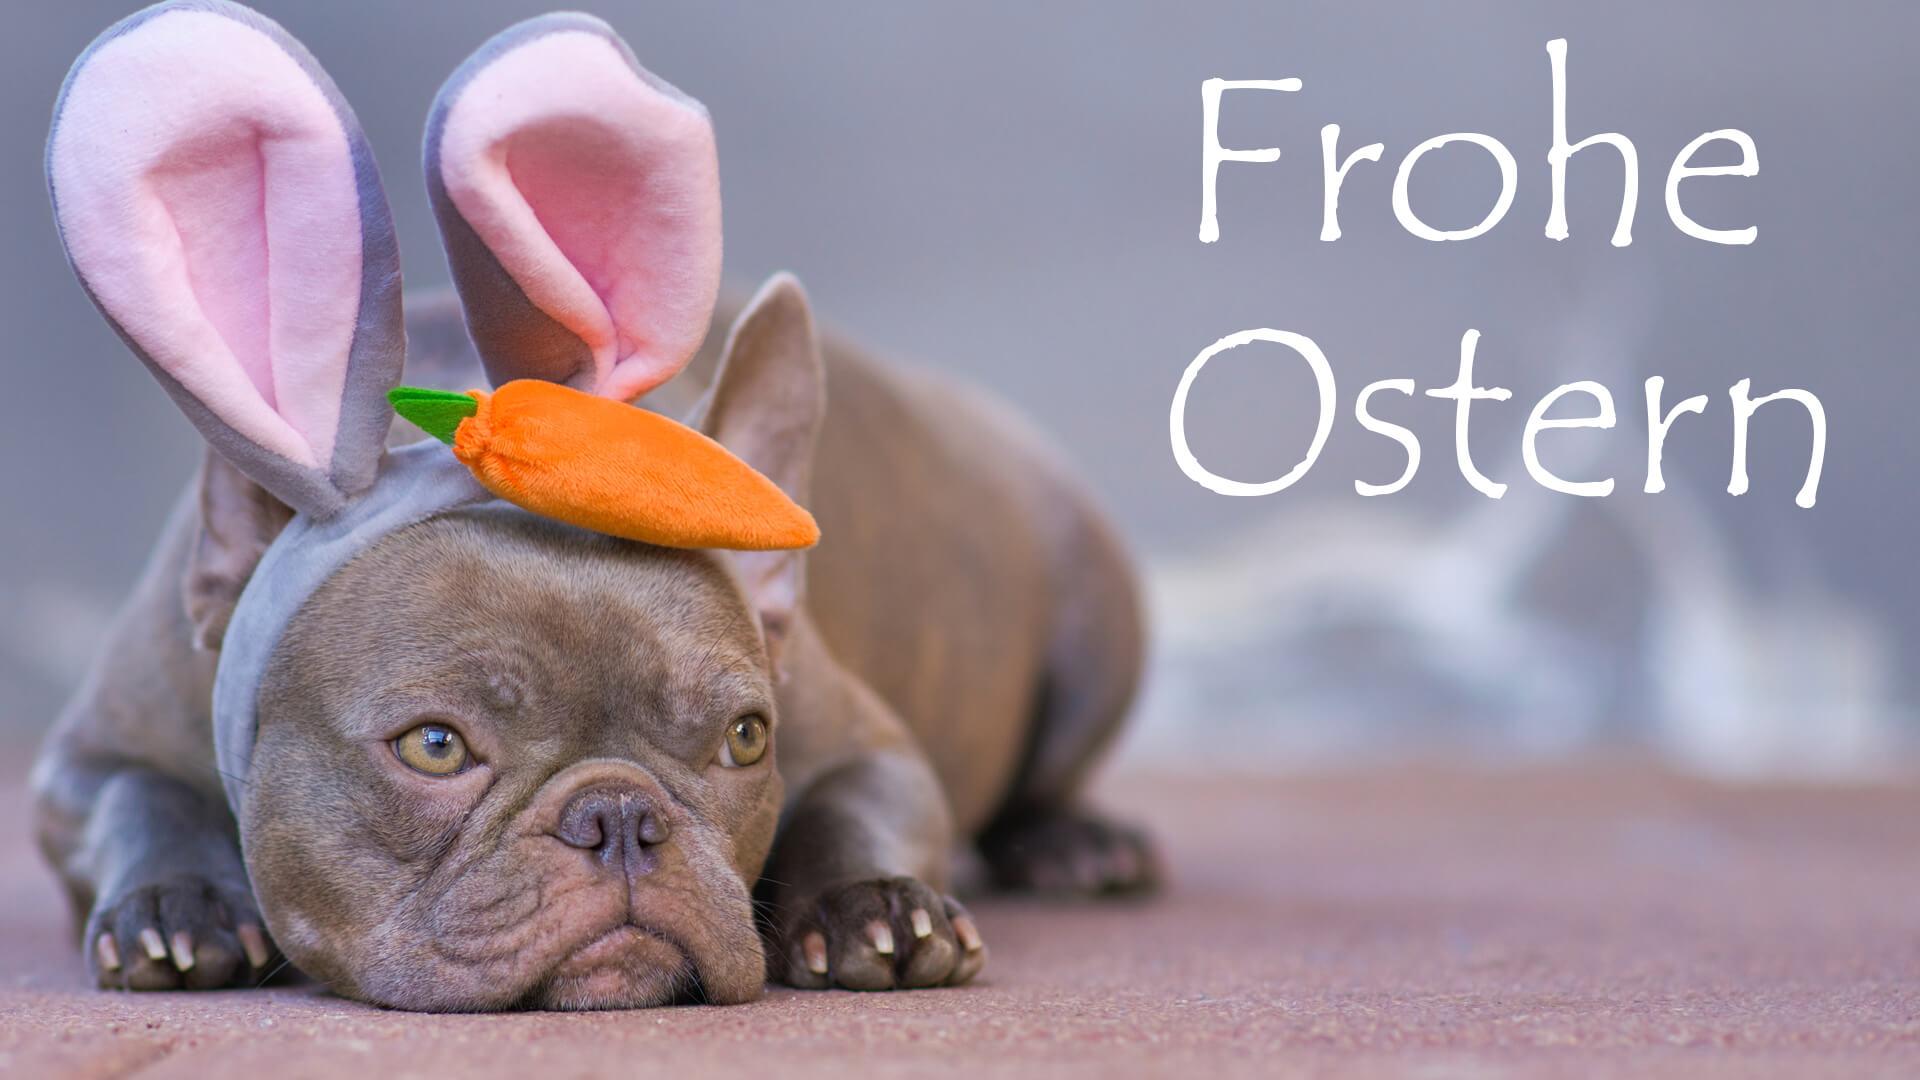 """Frohe Ostern!"""" Whatsapp-Grüße: Bilder An Familie Und Freunde über Ostern Lustig Bilder"""